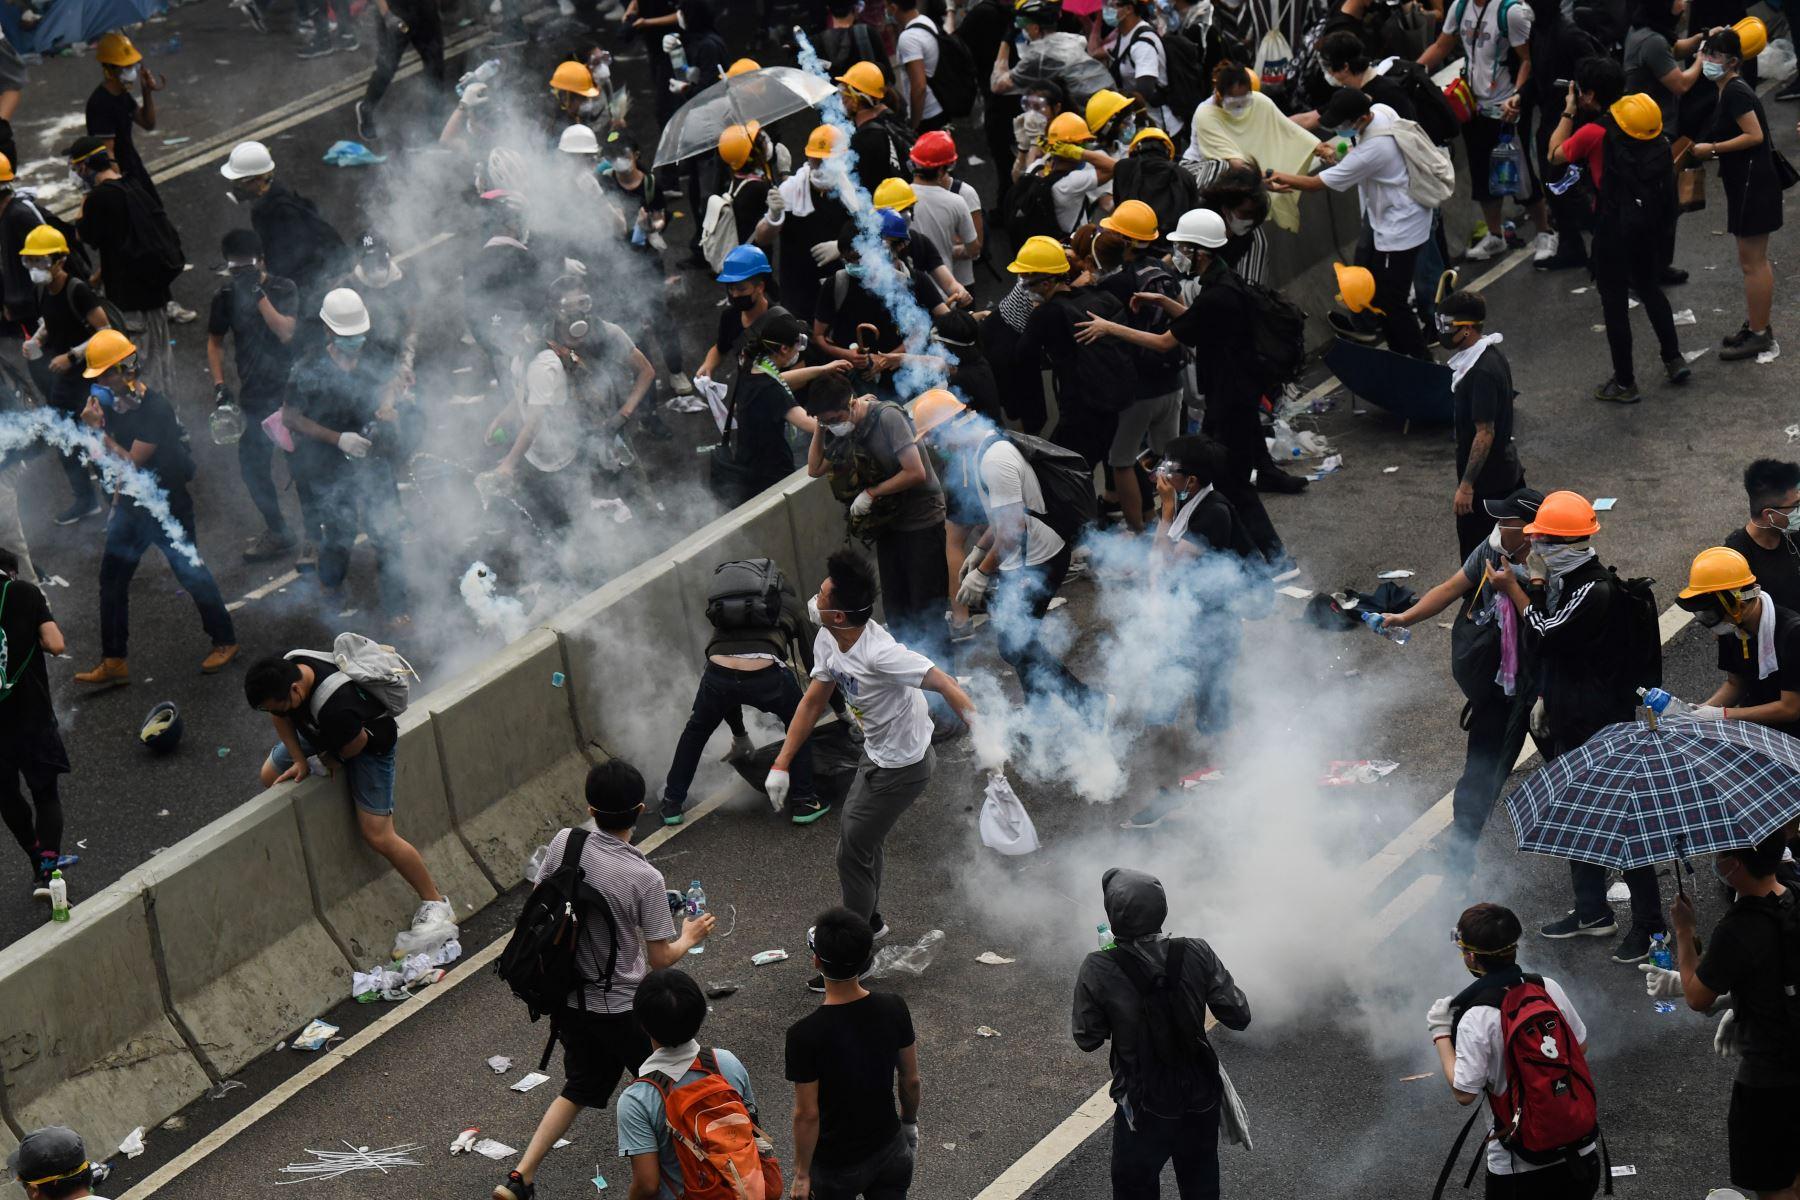 Manifestantes se enfrentan a la policía durante un mitin contra una controvertida propuesta de ley de extradición fuera de la sede del gobierno en Hong Kong. Foto: AFP